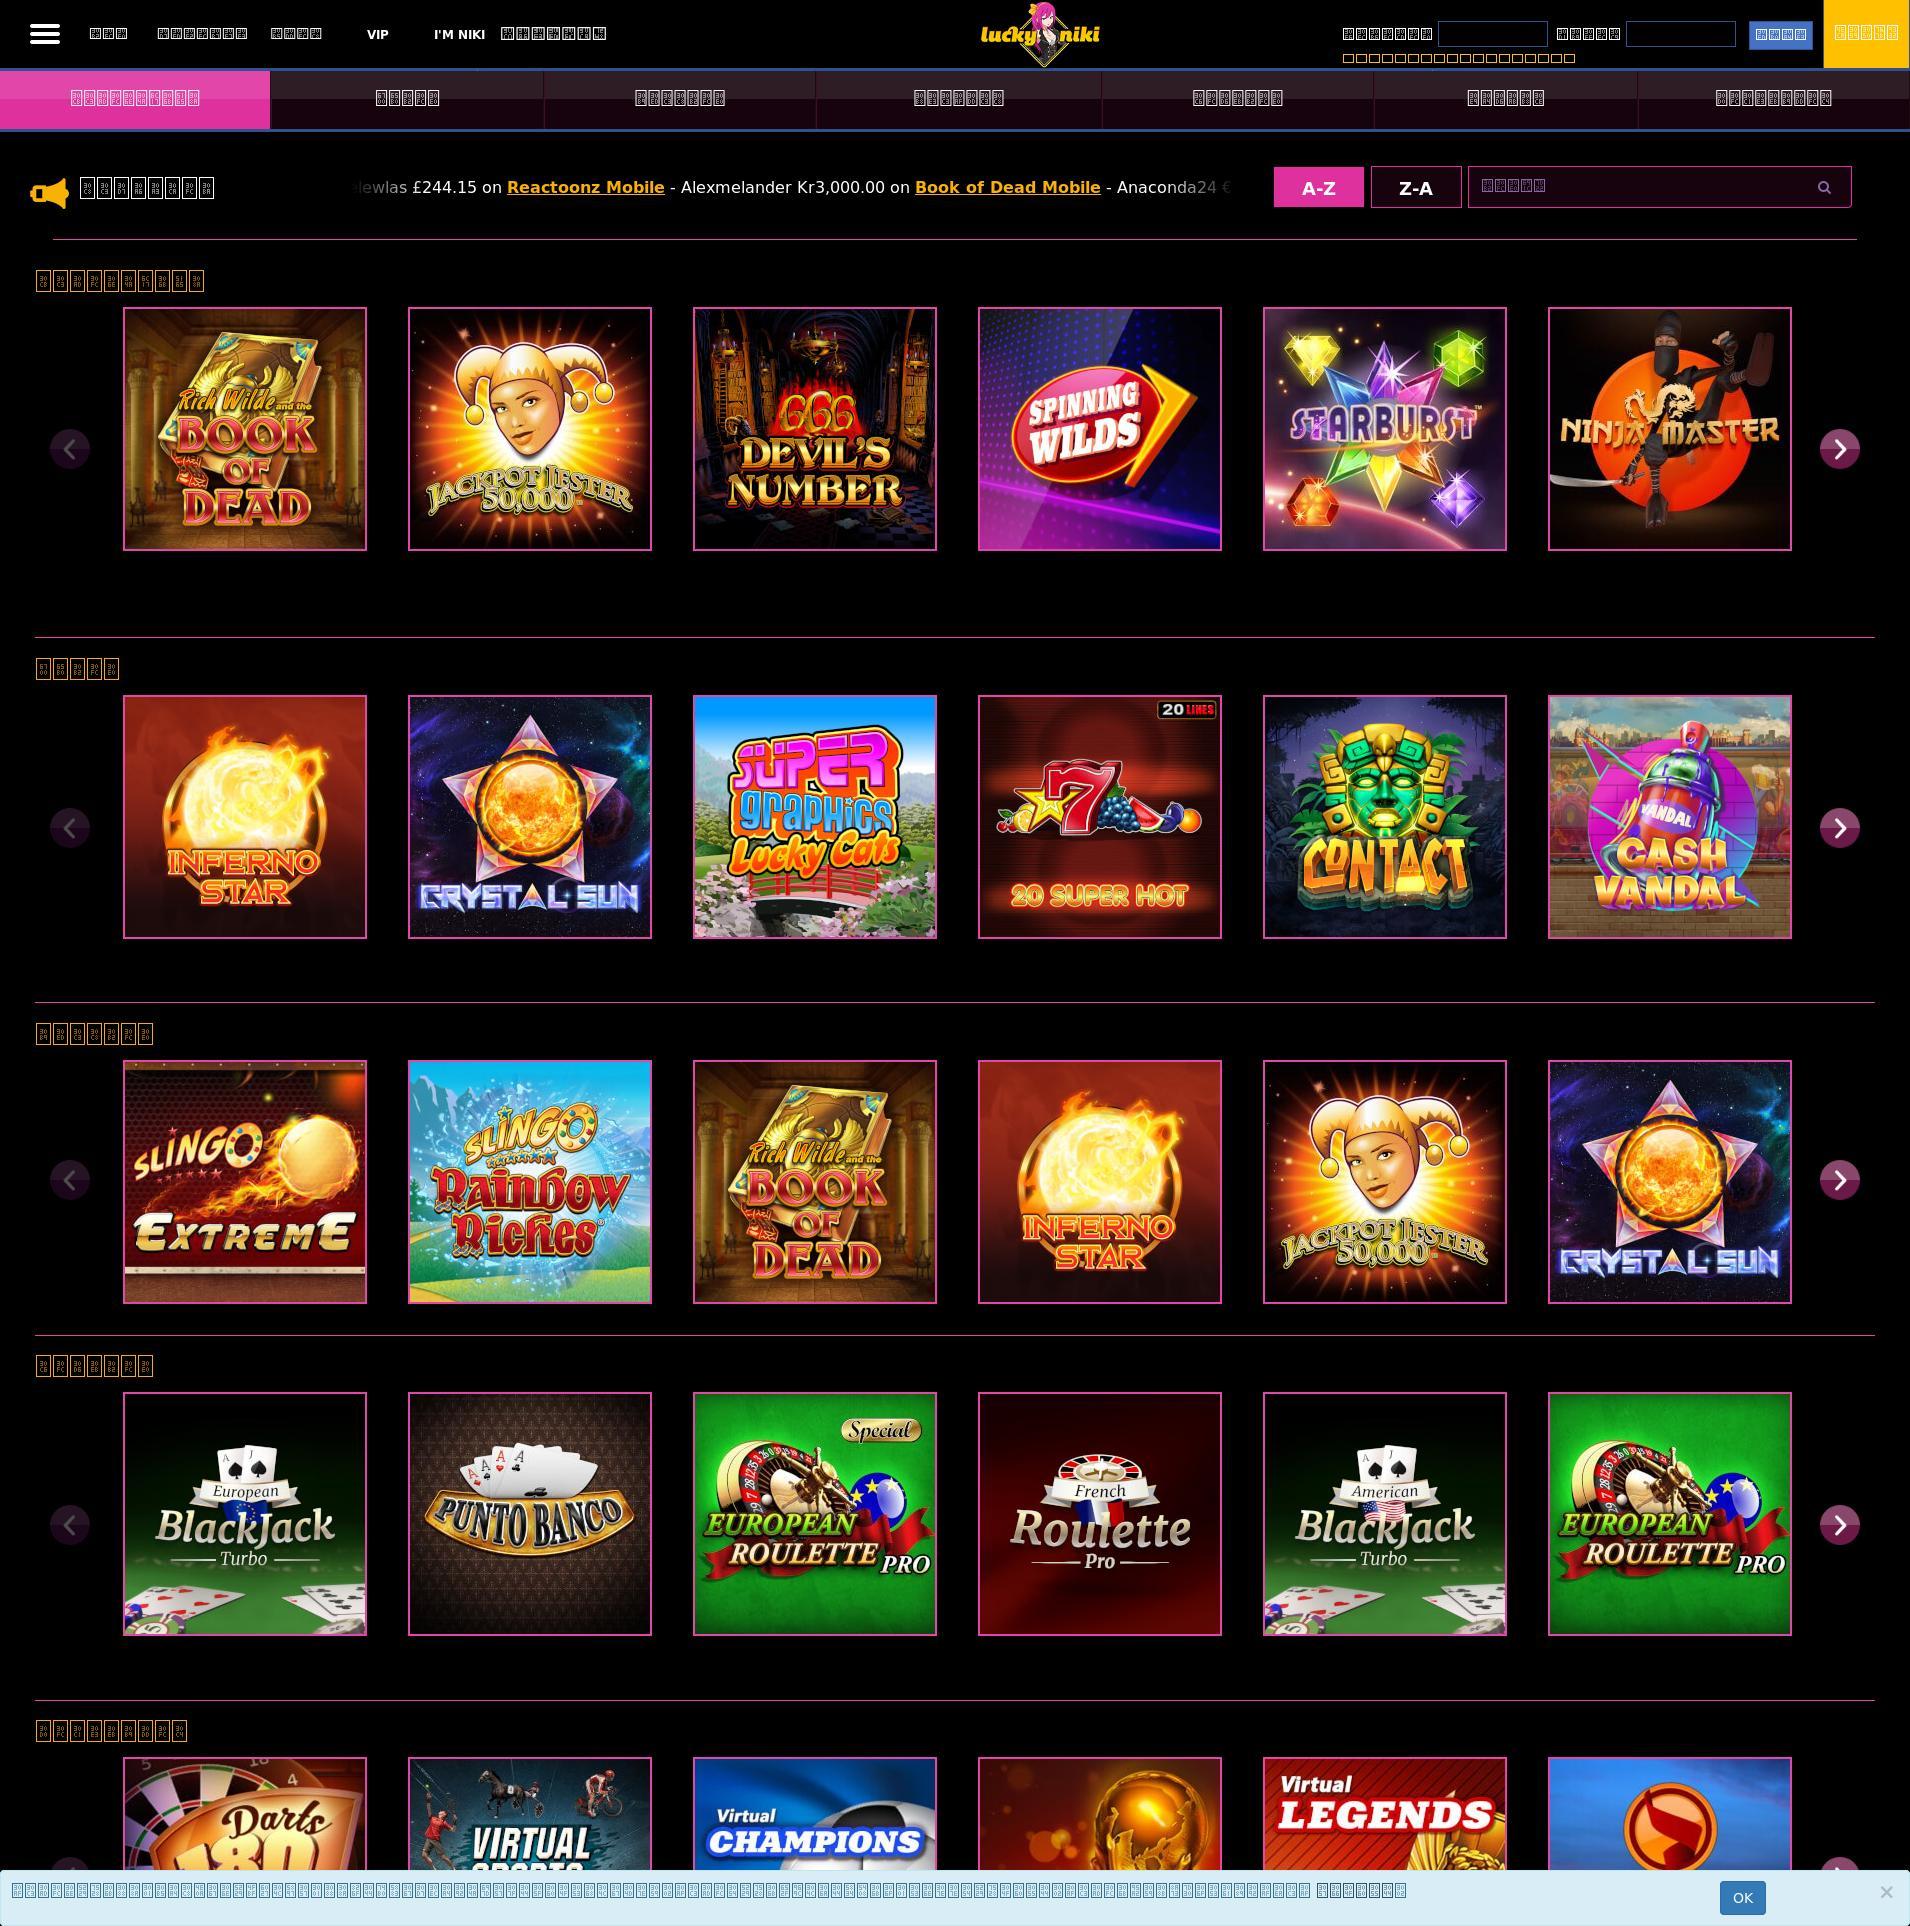 カジノのスクリーン Lobby 2019-06-26 ために 日本